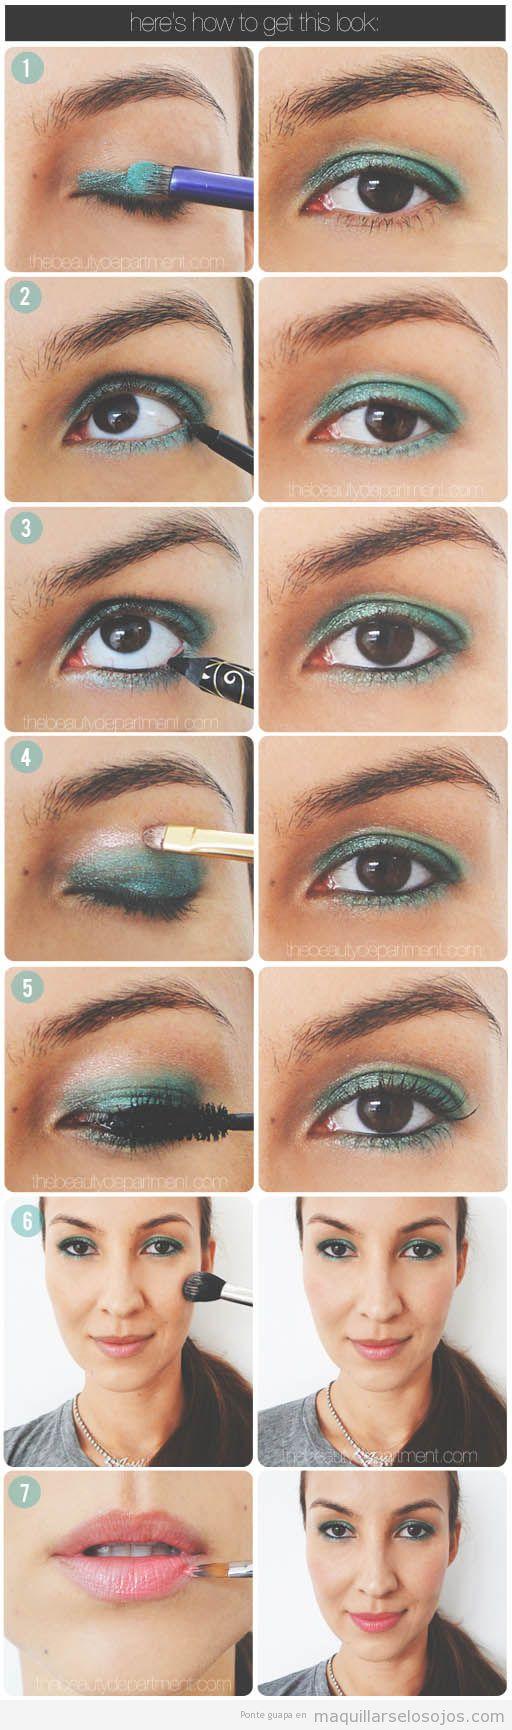 Maquillaje de ojos paso a paso en tonos verdes, primavera verano 2013